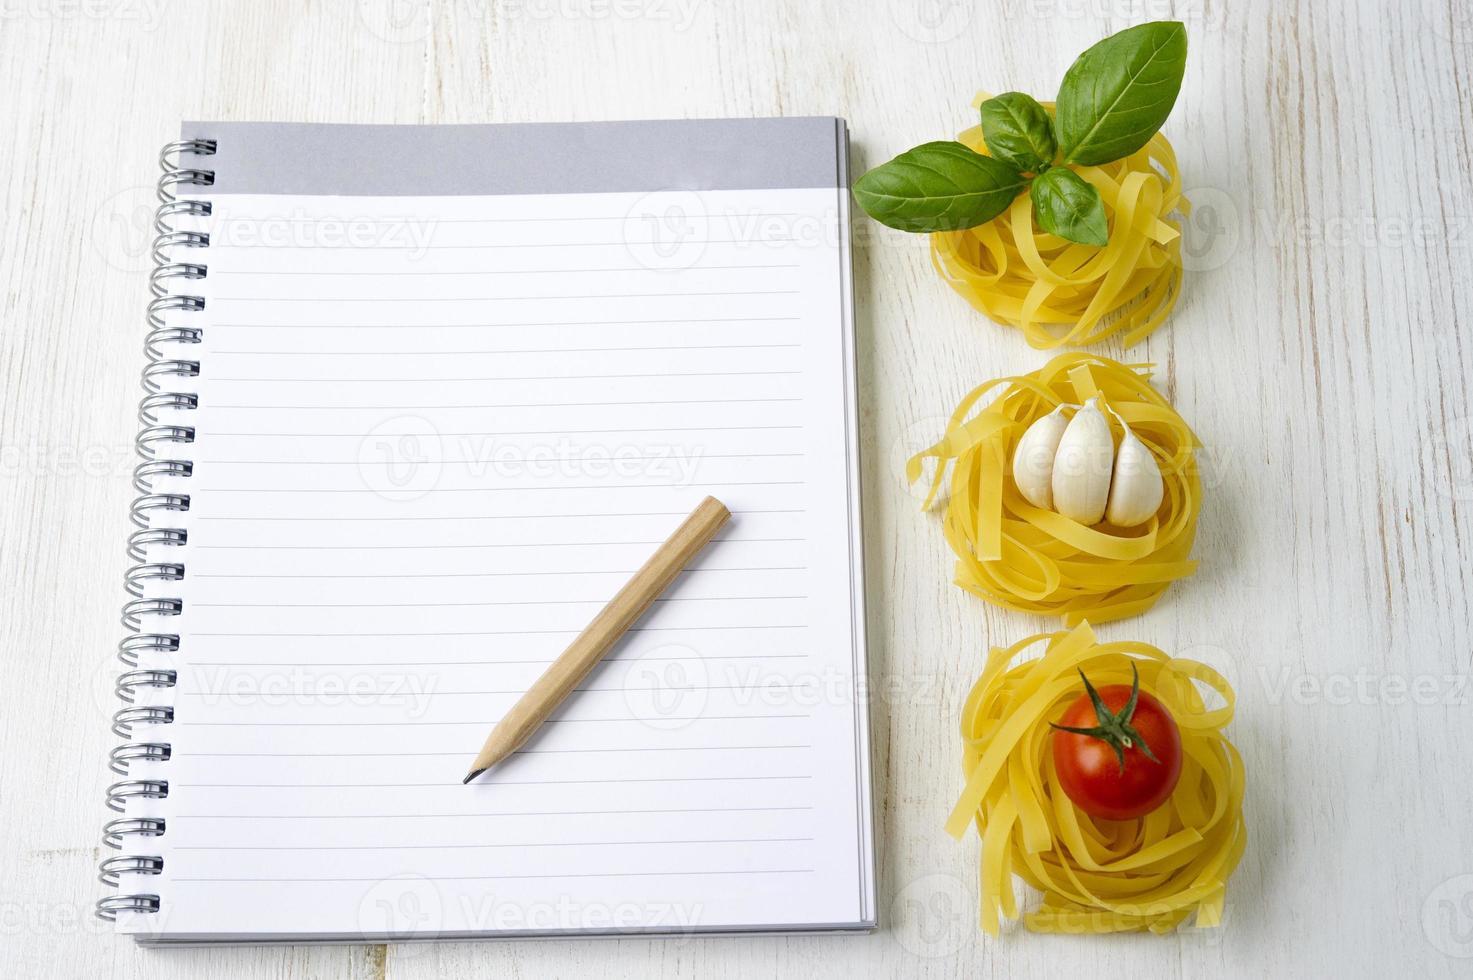 macarrão com livro de receitas em branco foto